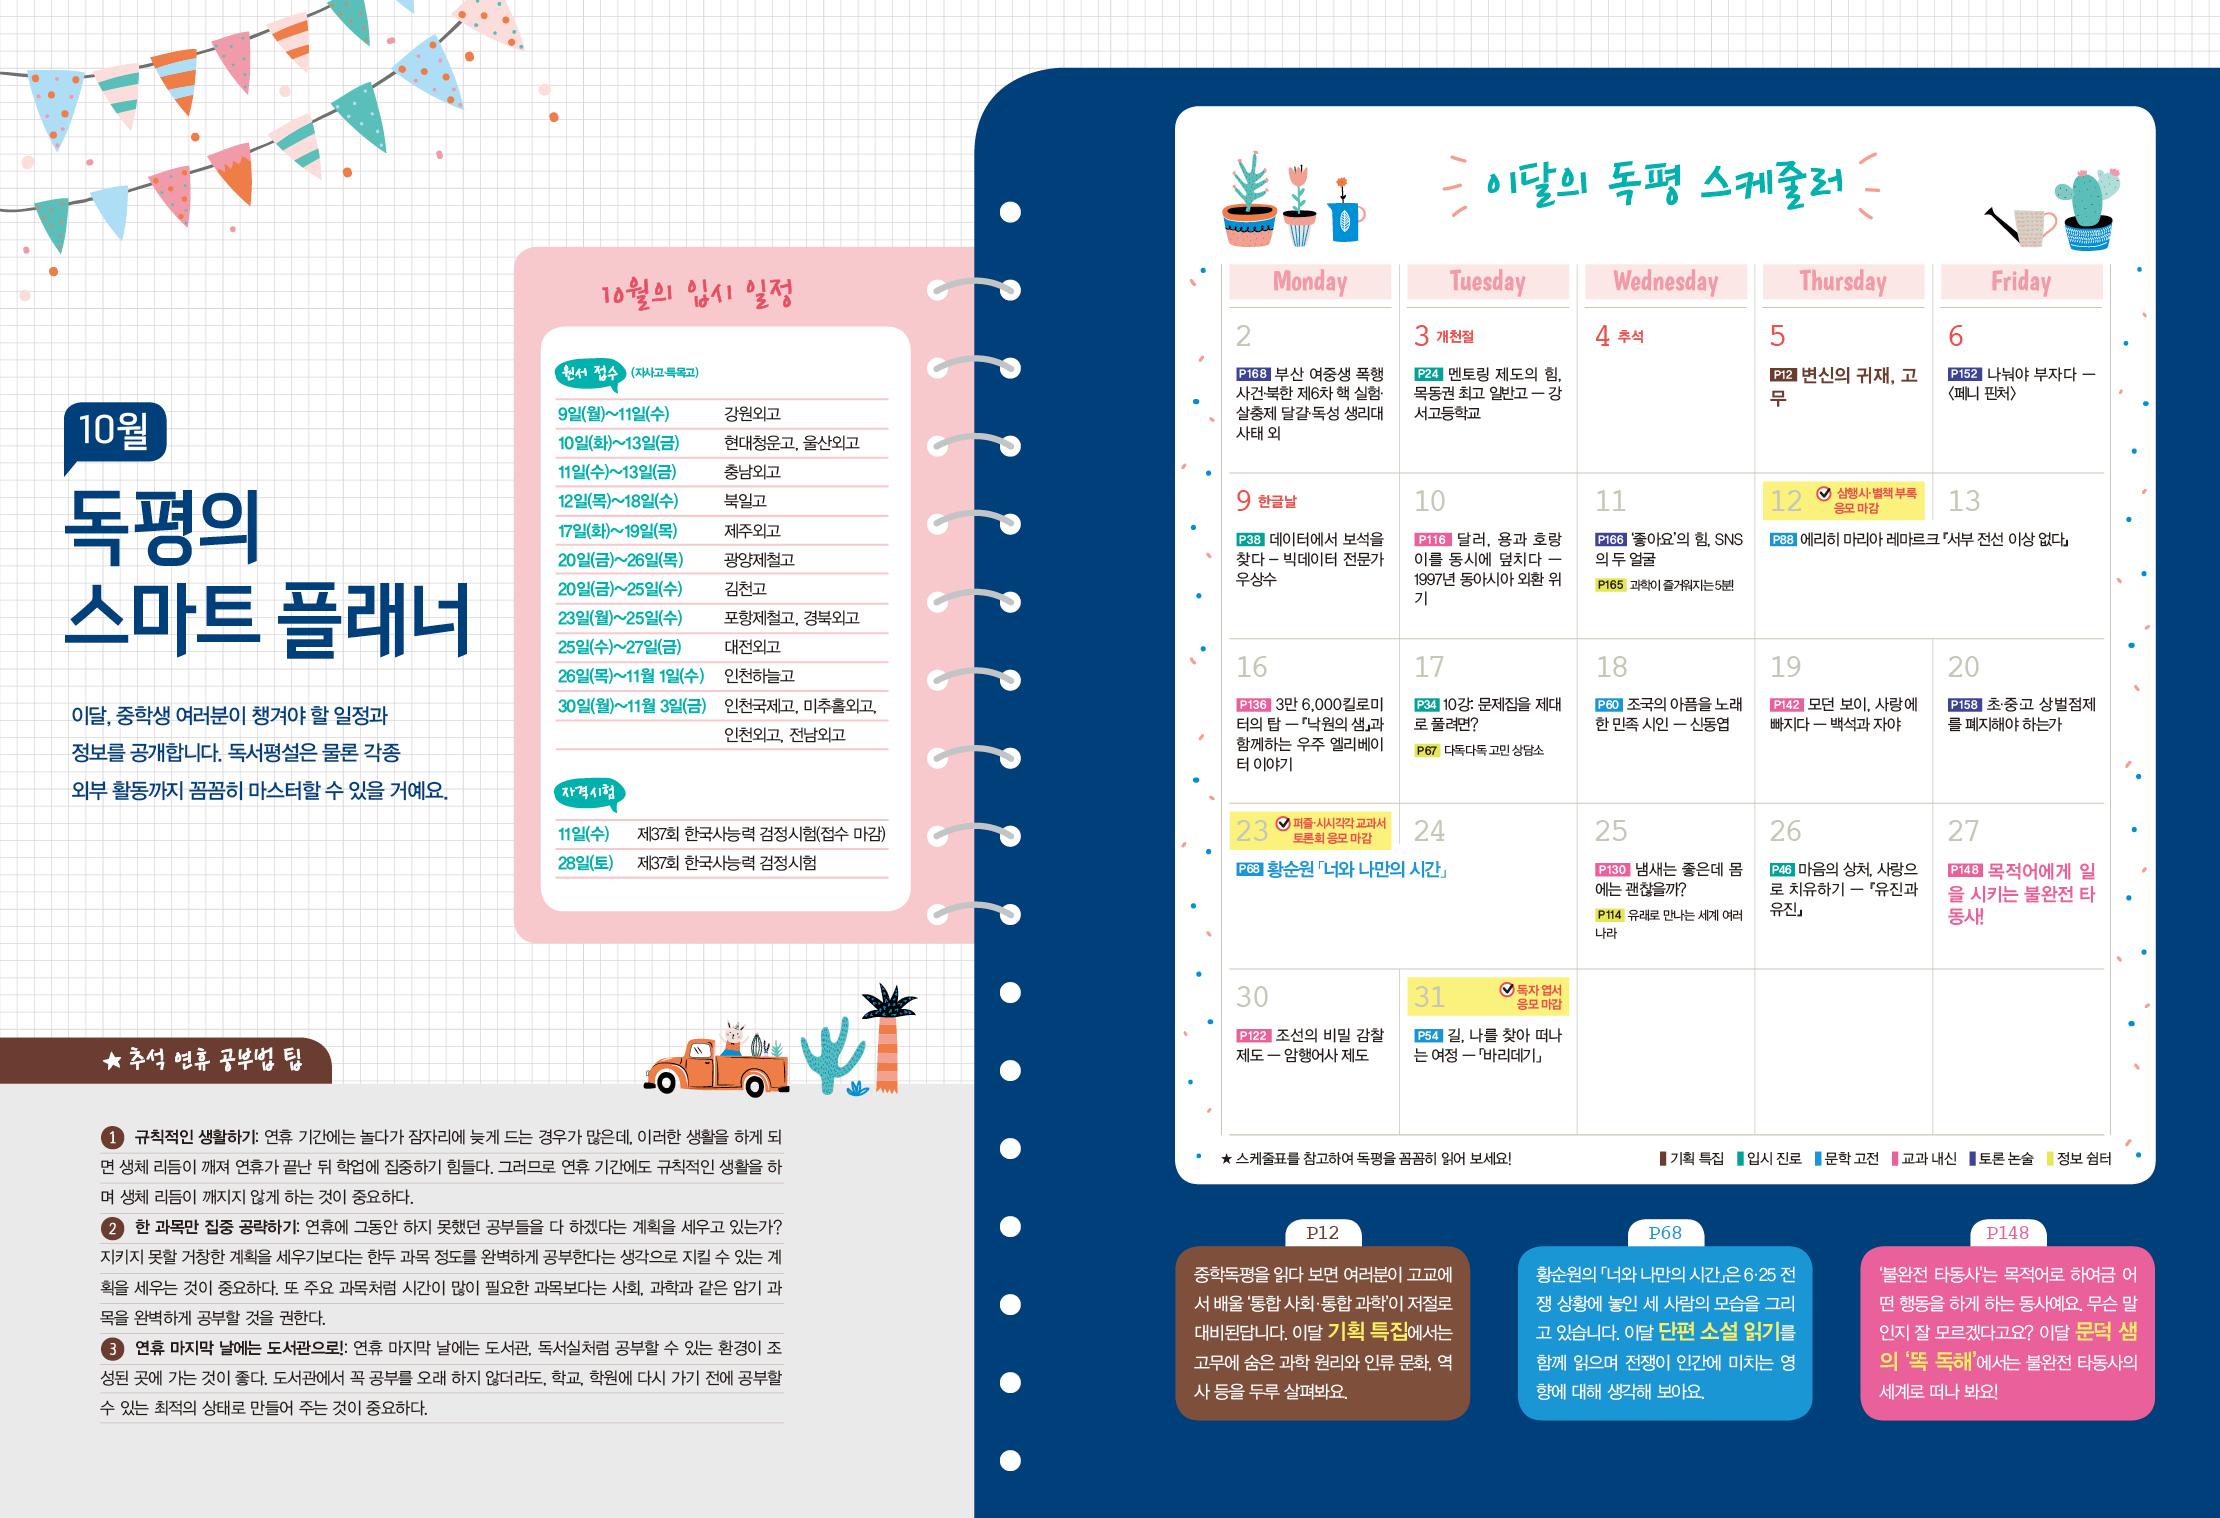 이달의 독서 계획표(10월)